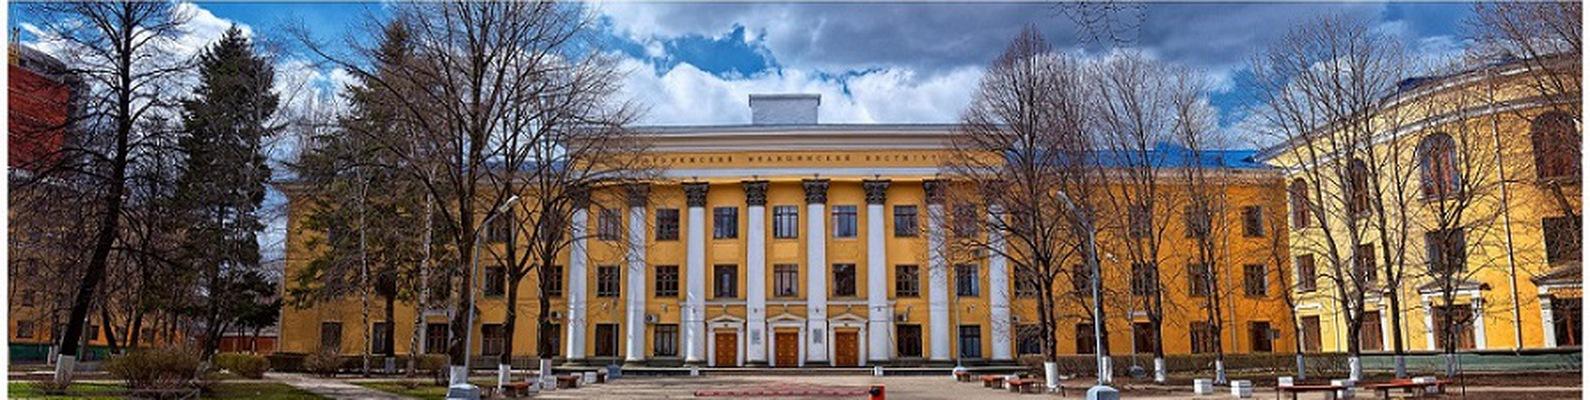 Приемная комиссия медицинская академия имени бурденко килограмм железа цена в Селятино